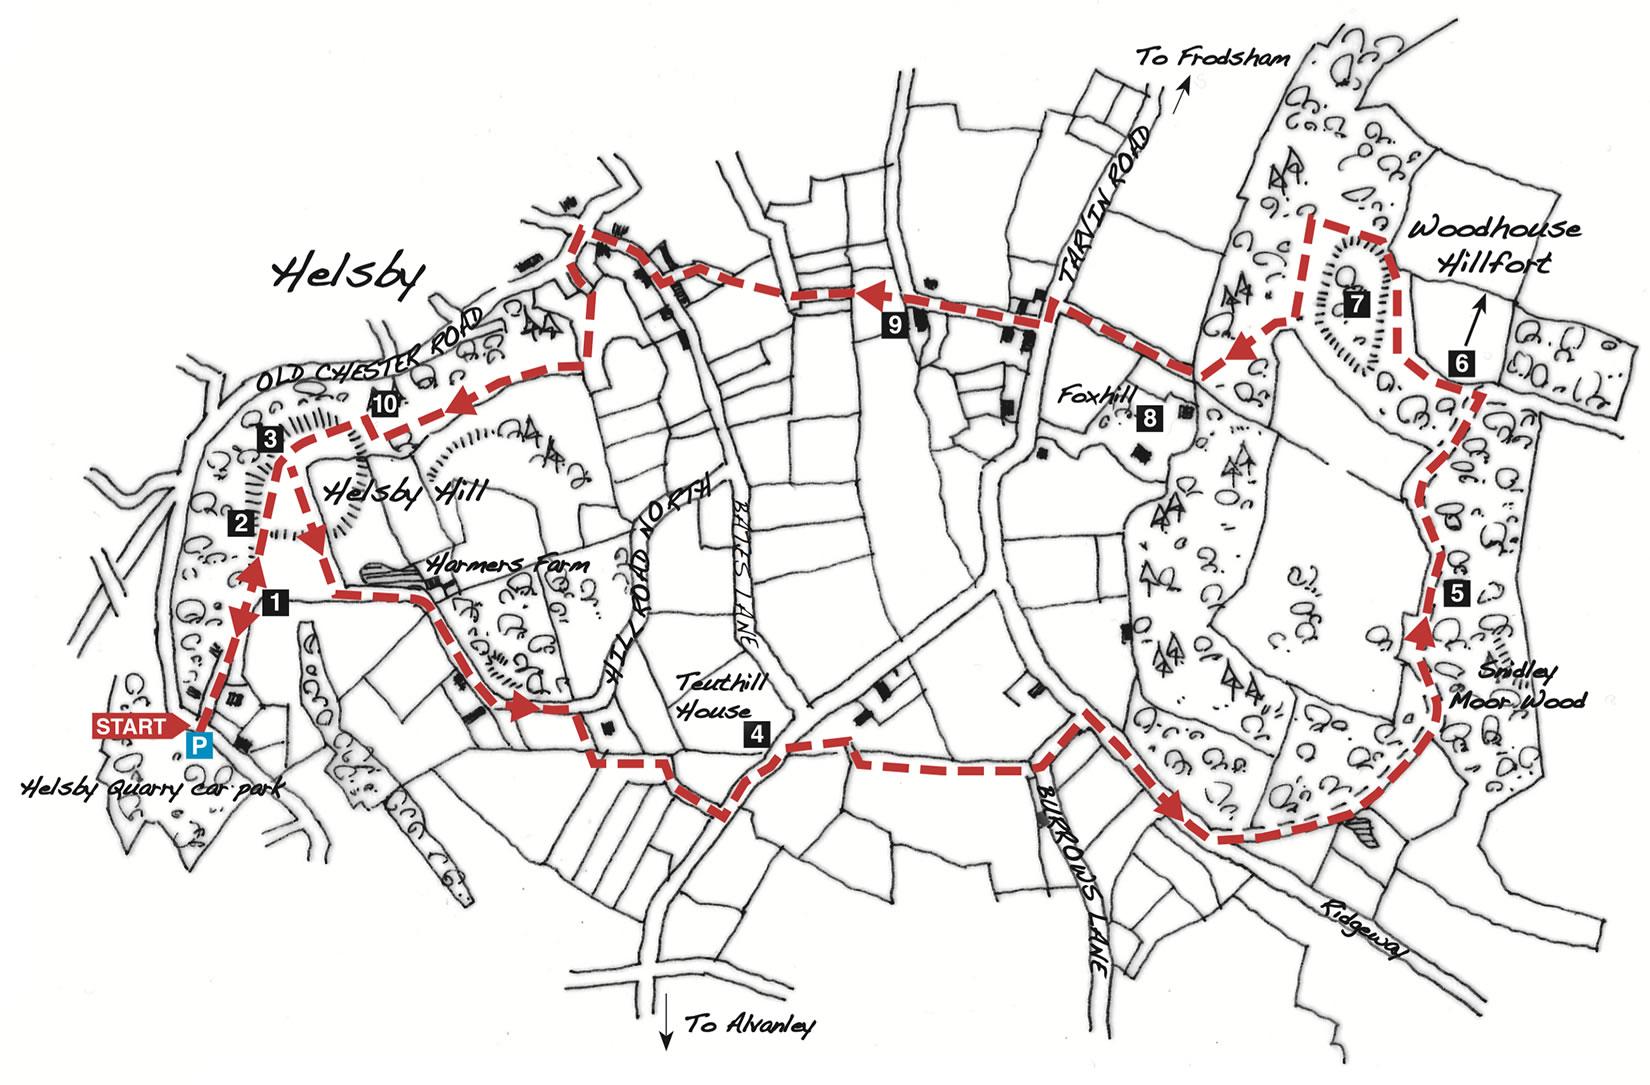 helsby woodhouse hillfort walk 2021